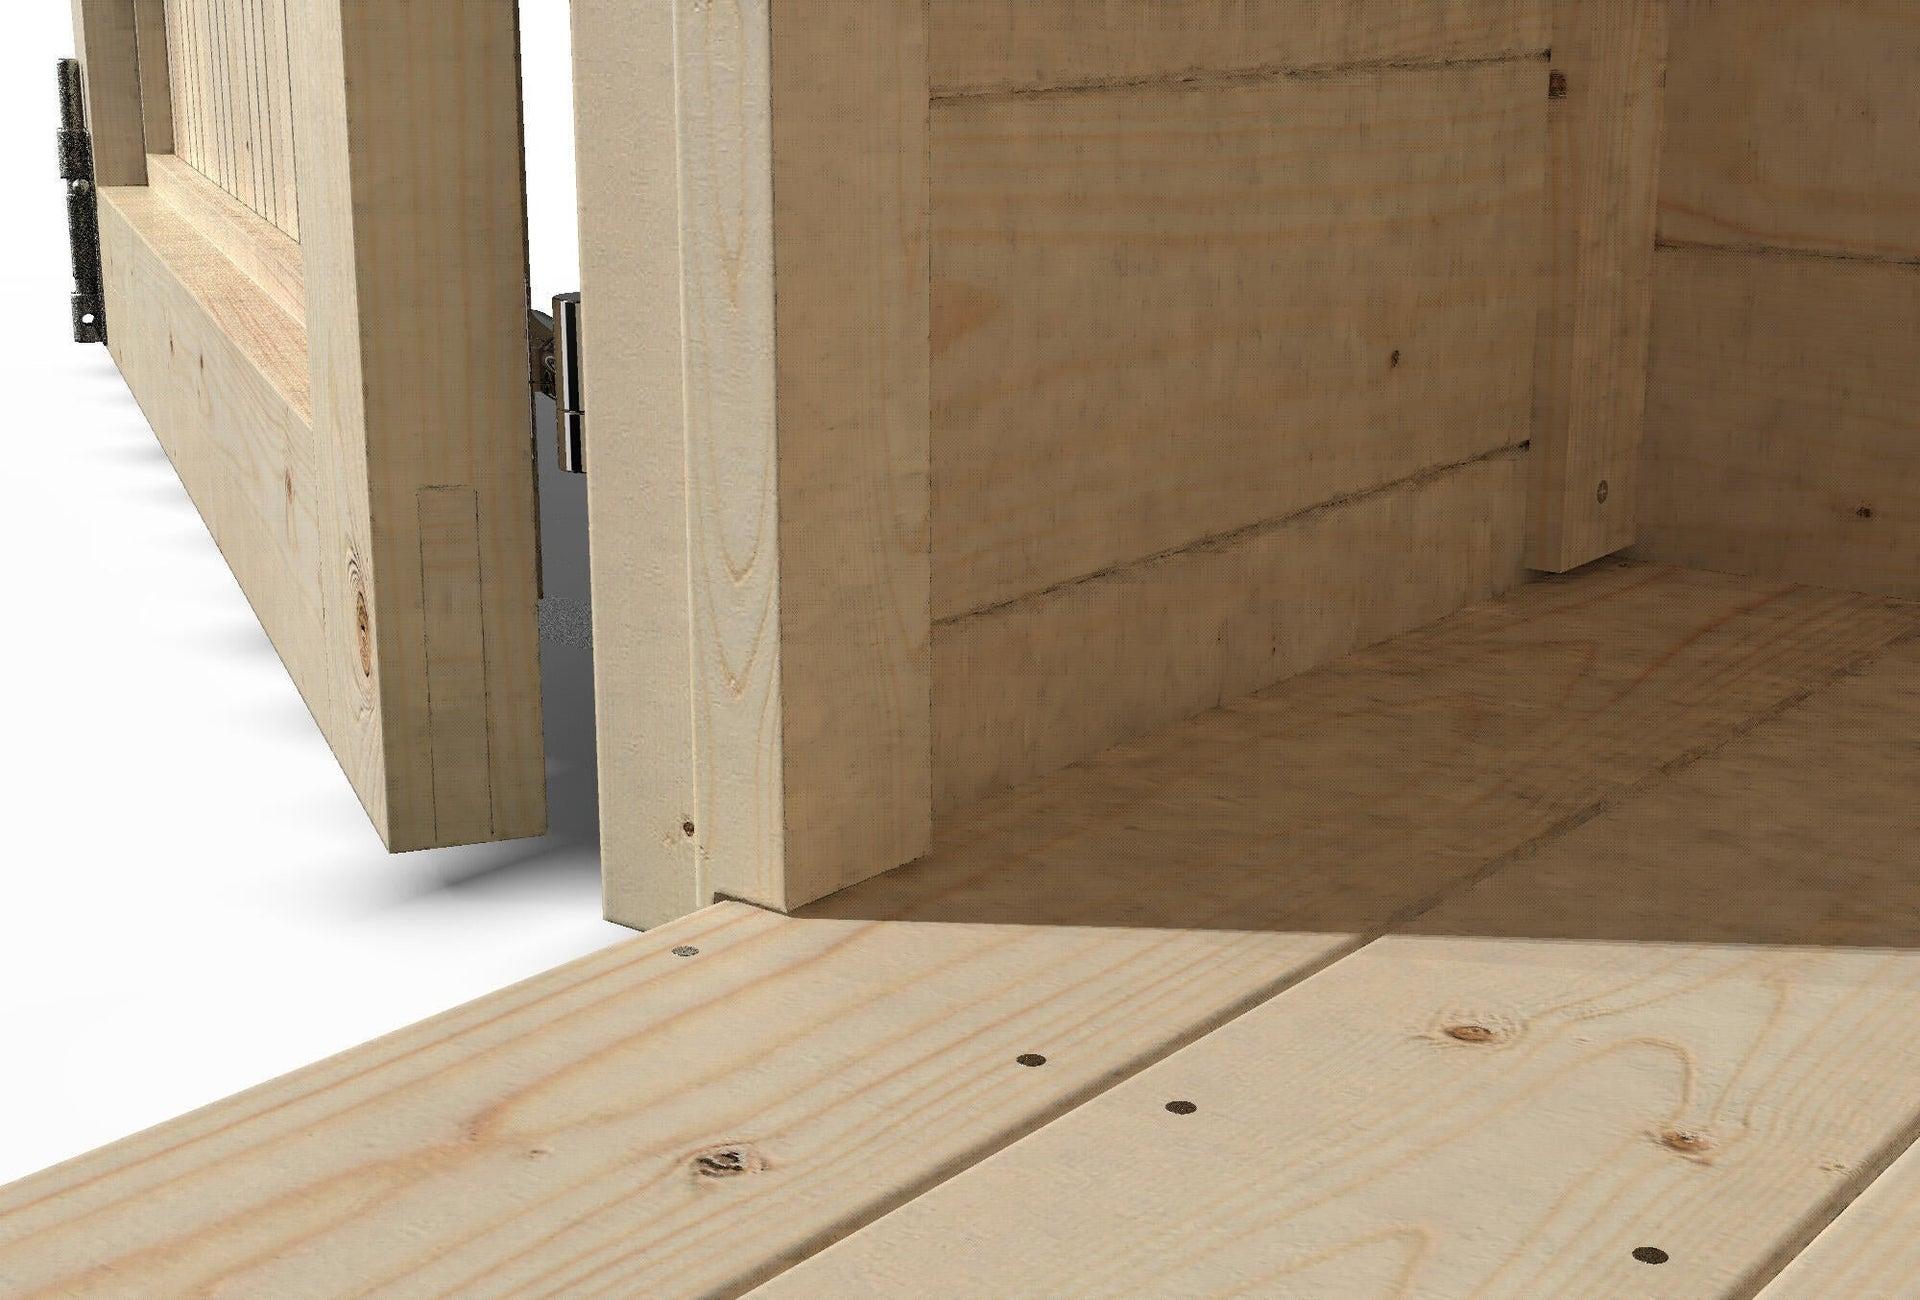 Pavimento per casetta da giardino Primula DECOR ET JARDIN 242.8 x 270 x 45 cm - 3